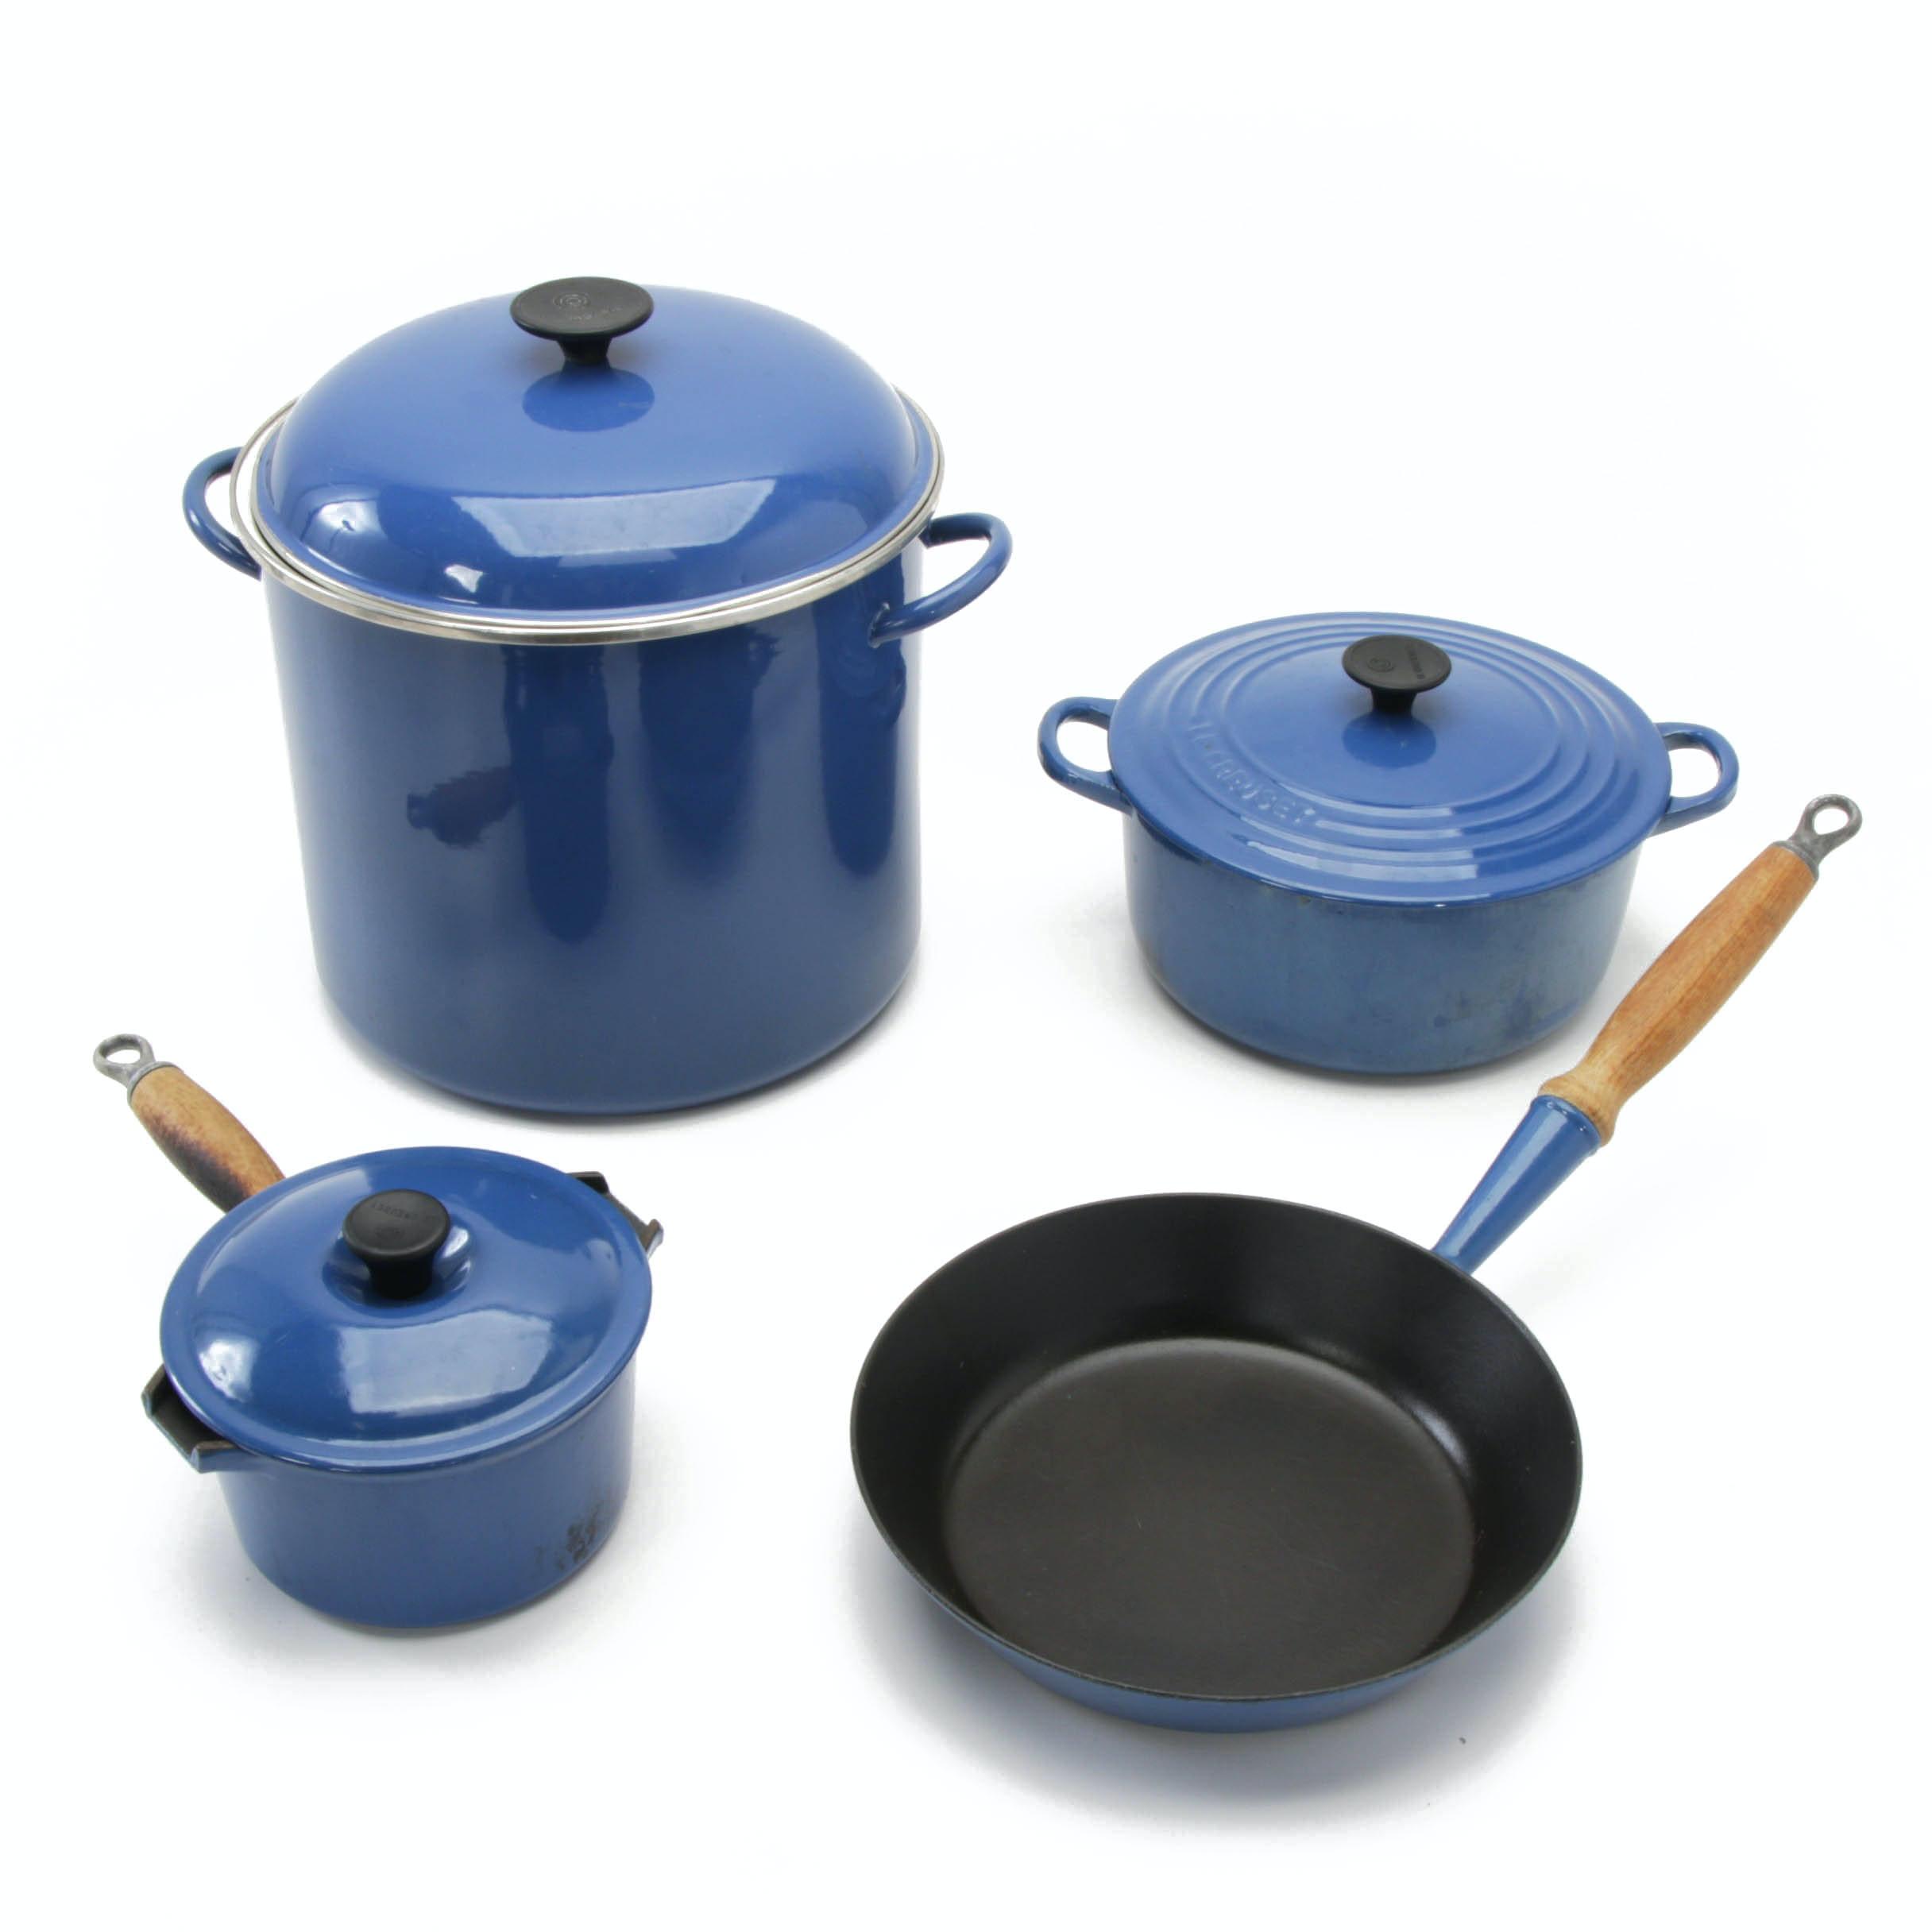 Le Creuset Blue Enameled Cast Iron Cookware